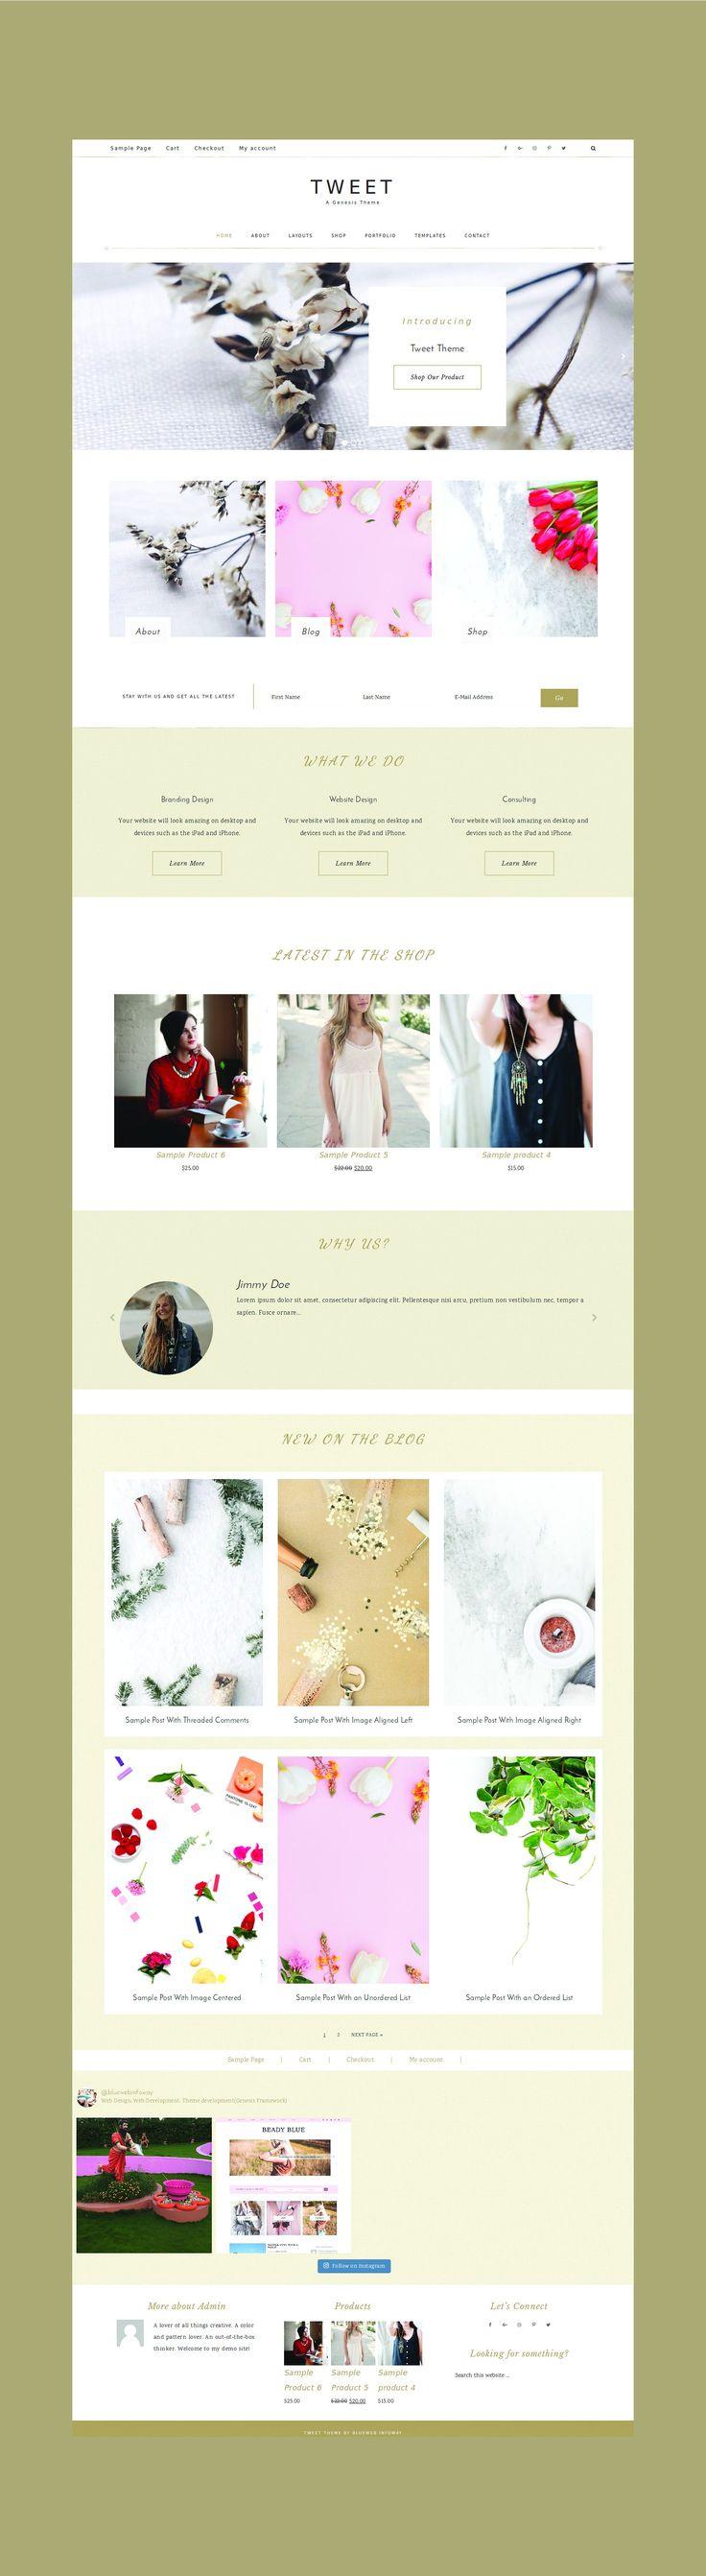 minimal theme woocommerce theme genesis theme portfolio theme ecommerce theme fashion theme one page theme parallex theme feminine theme wordpress theme responsive theme  #fashion #style #shopping